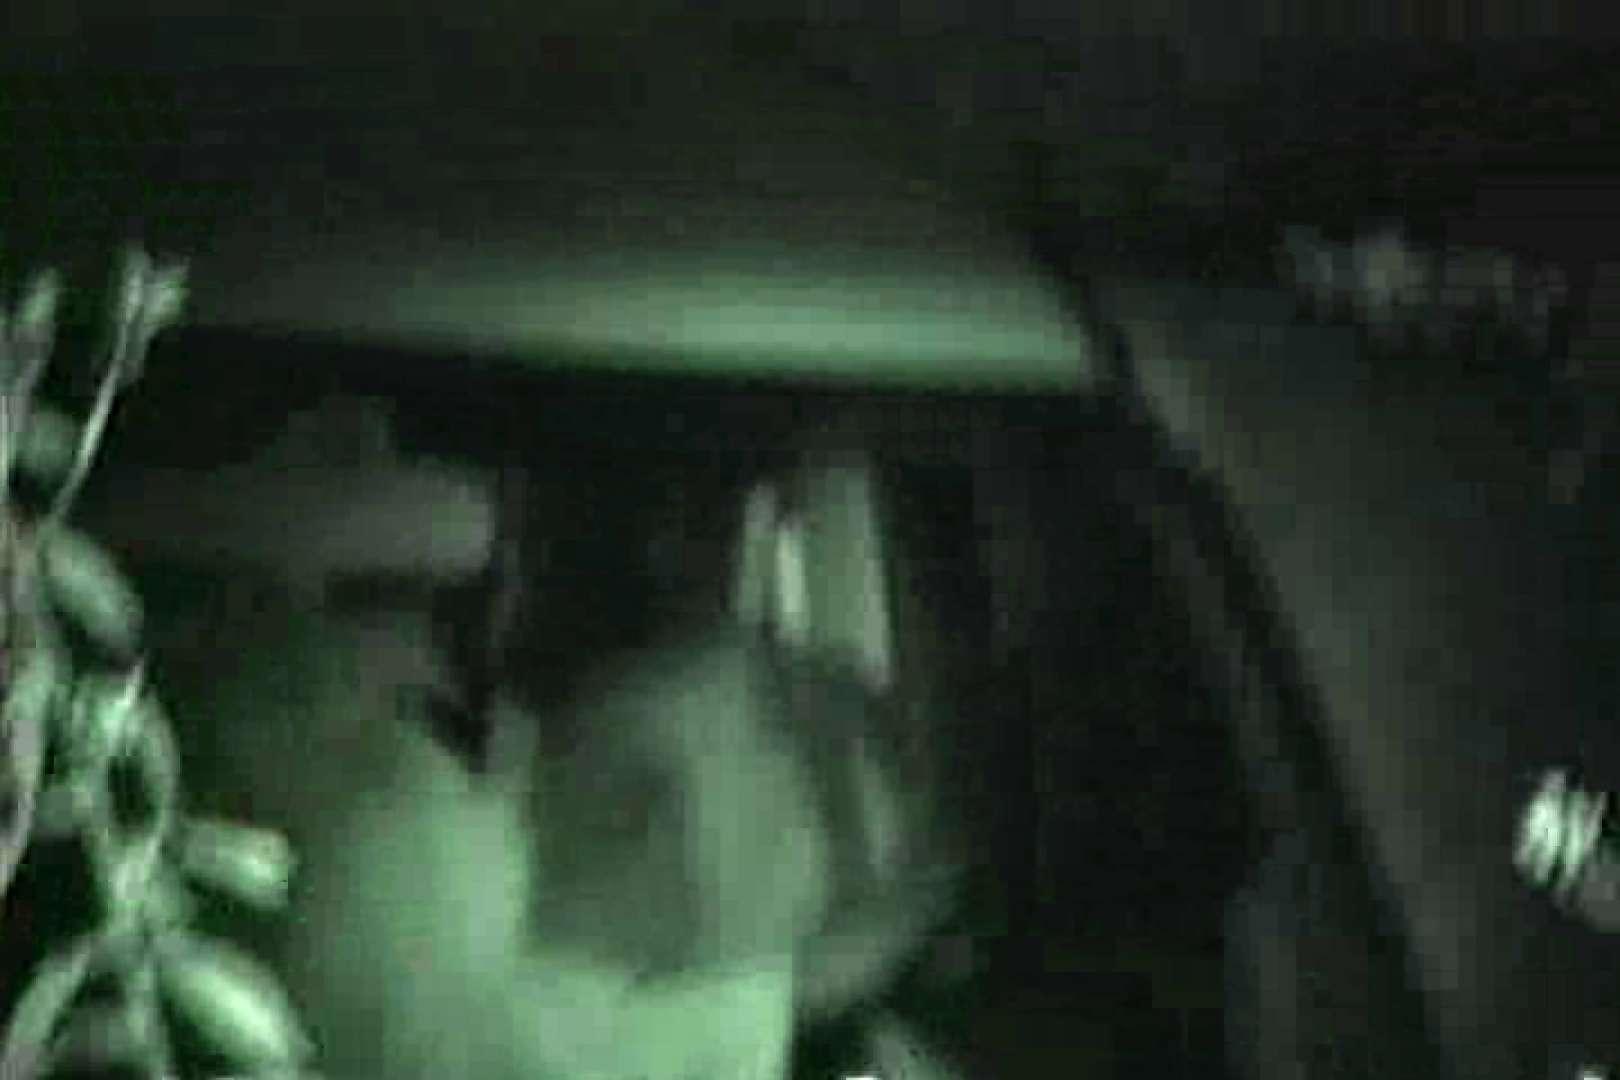 車の中はラブホテル 無修正版  Vol.9 OLの実態 のぞきおめこ無修正画像 58pic 57